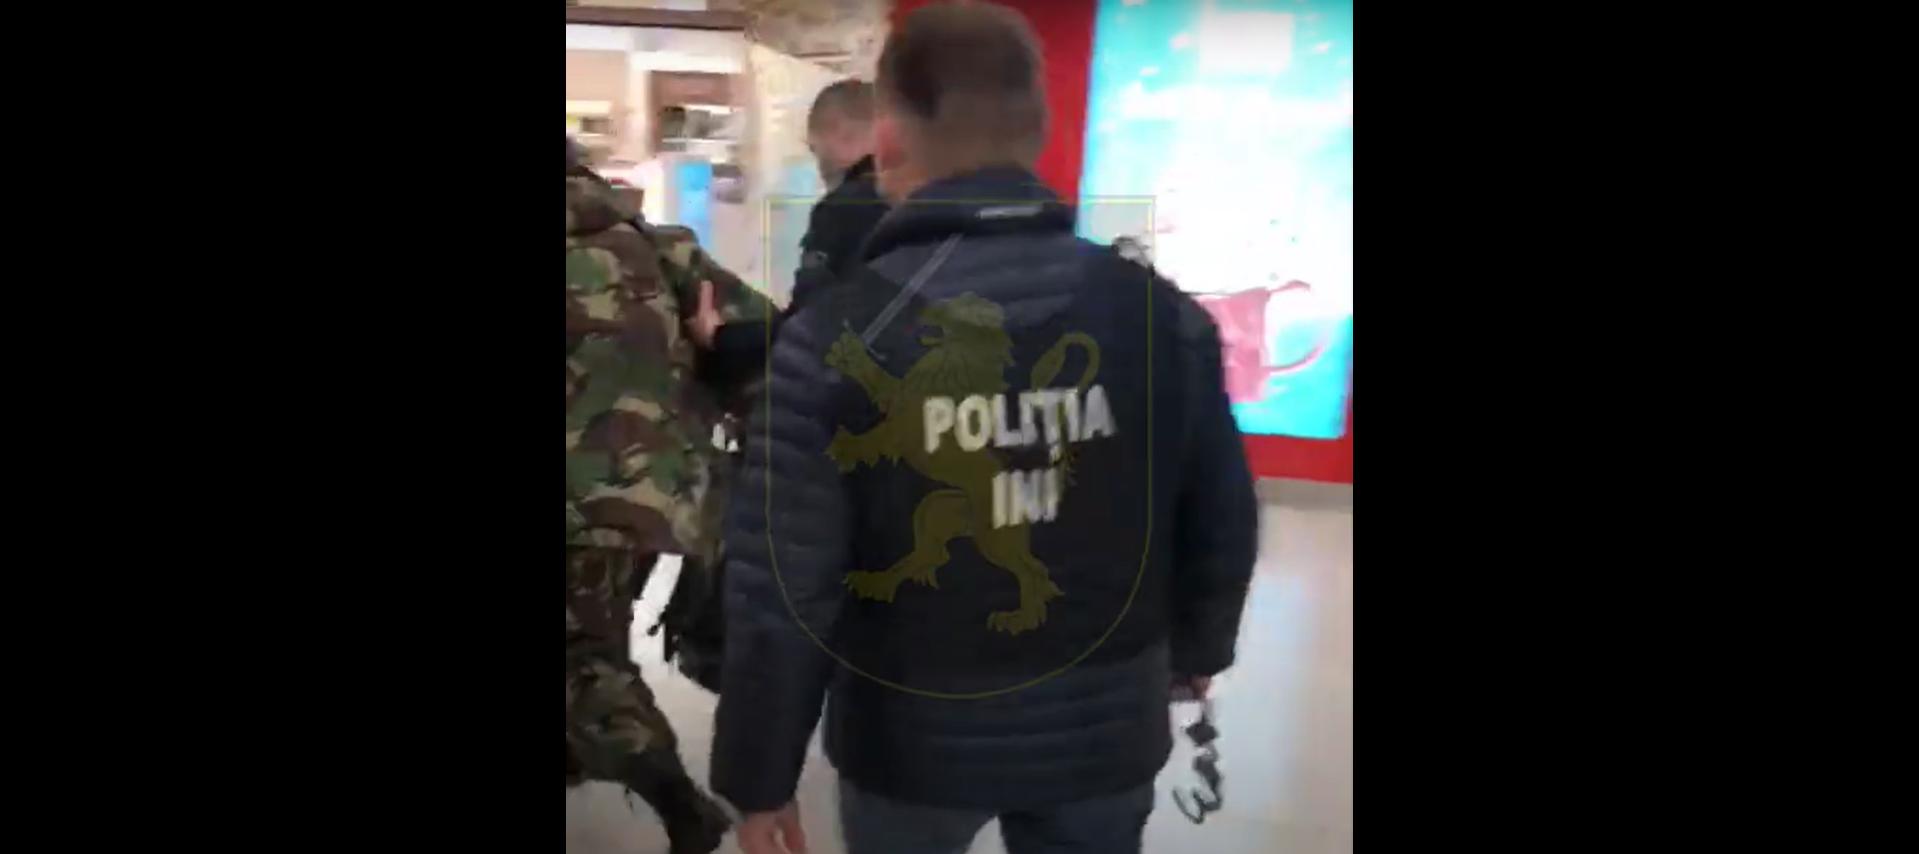 ВИДЕО // Молдаванин сбежавший из Кагульской тюрьмы, задержан через 16 лет в Москве